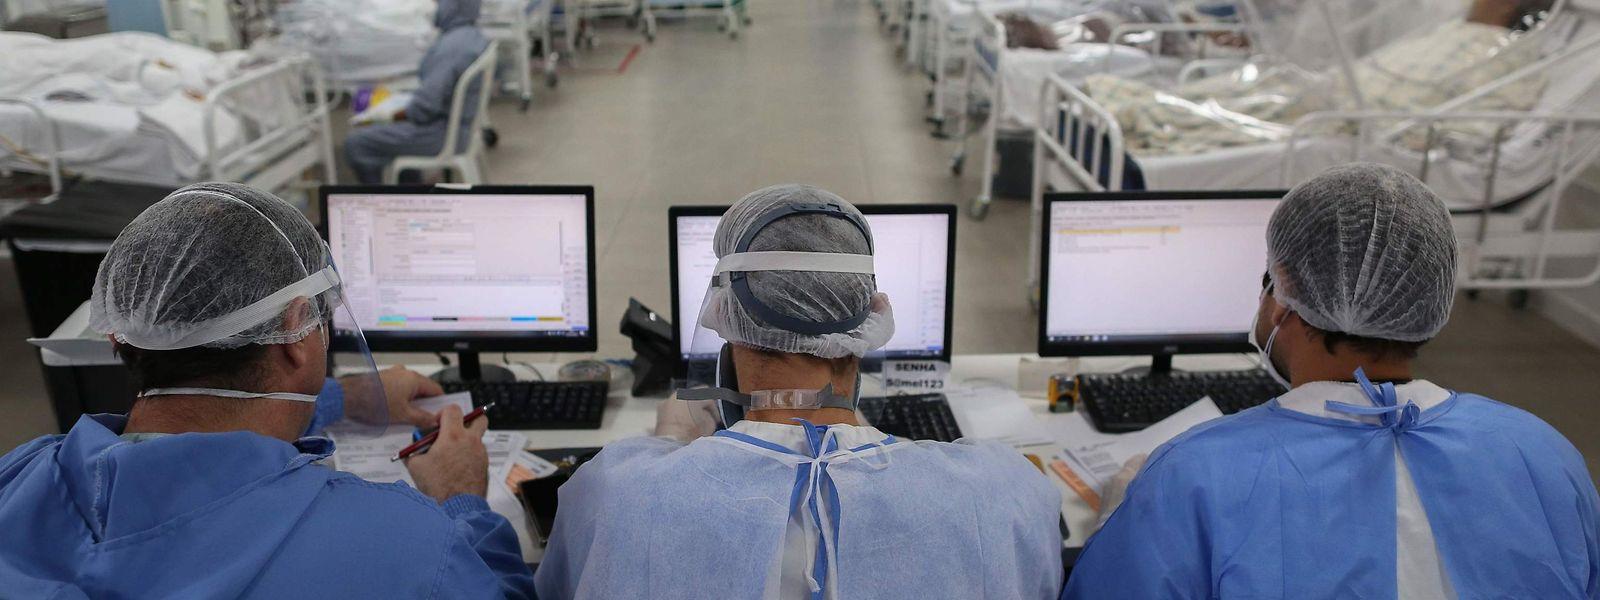 La diffusion des données médicales commune par commune n'a rien de significatif.